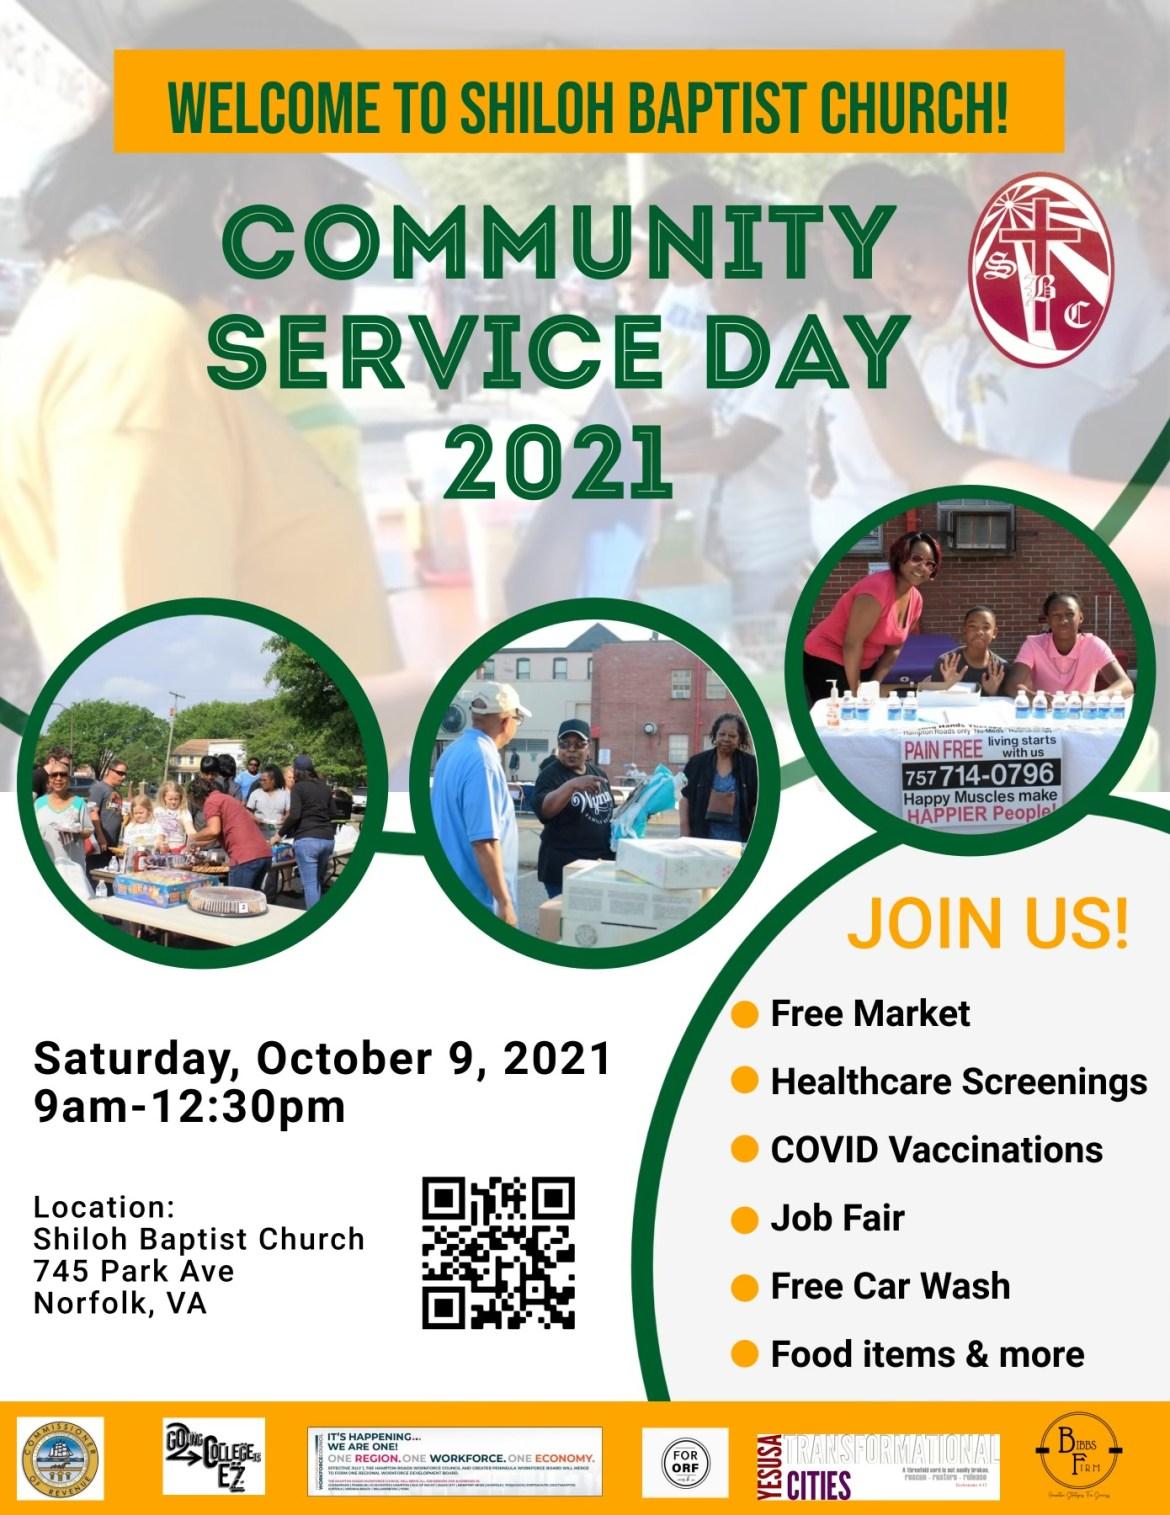 Shiloh Baptist Community Service Day